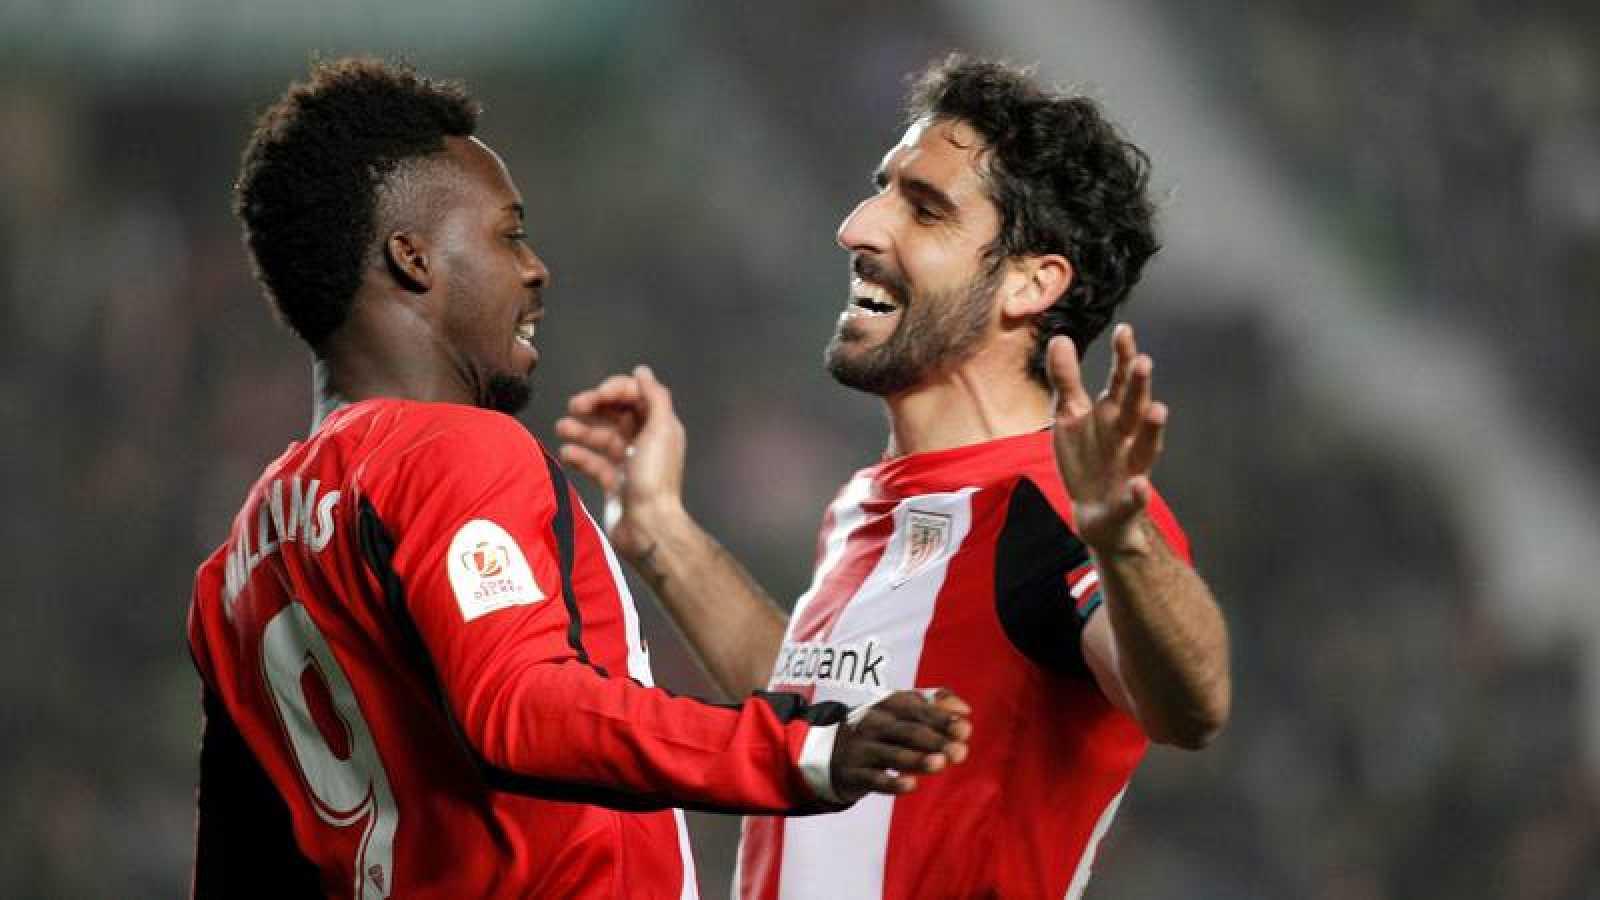 El extremo del Athletic Club de Bilbao Iñaki Williams (i) celebra con su compañero Raúl García